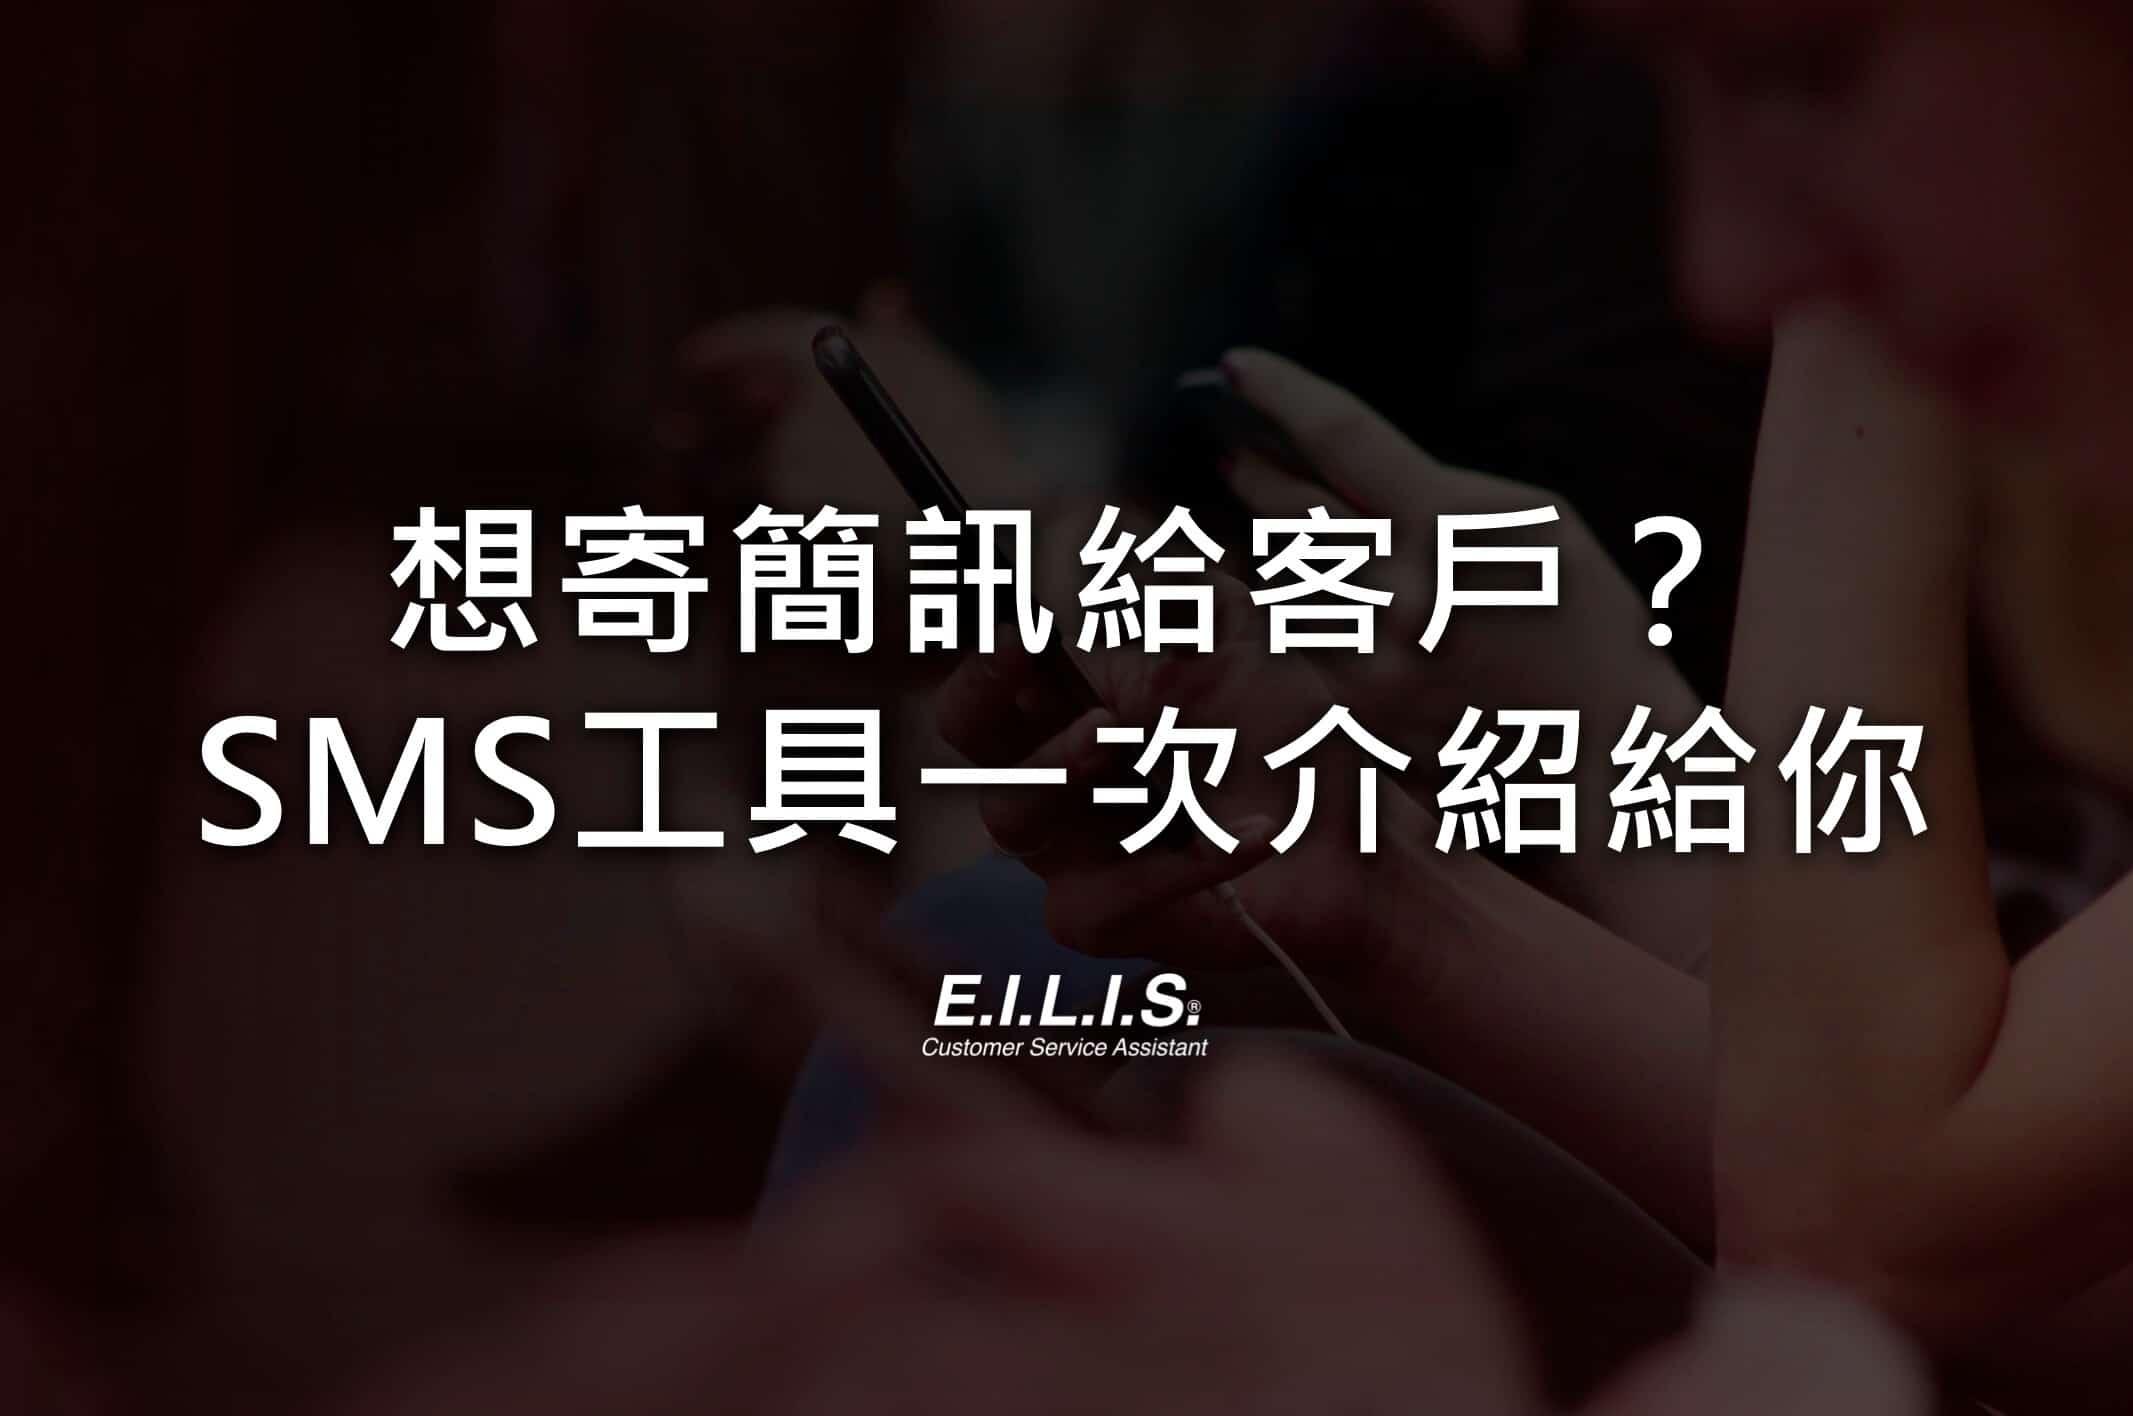 SMS 簡訊發送服務介紹,行銷最常用的2大簡訊服務商推薦